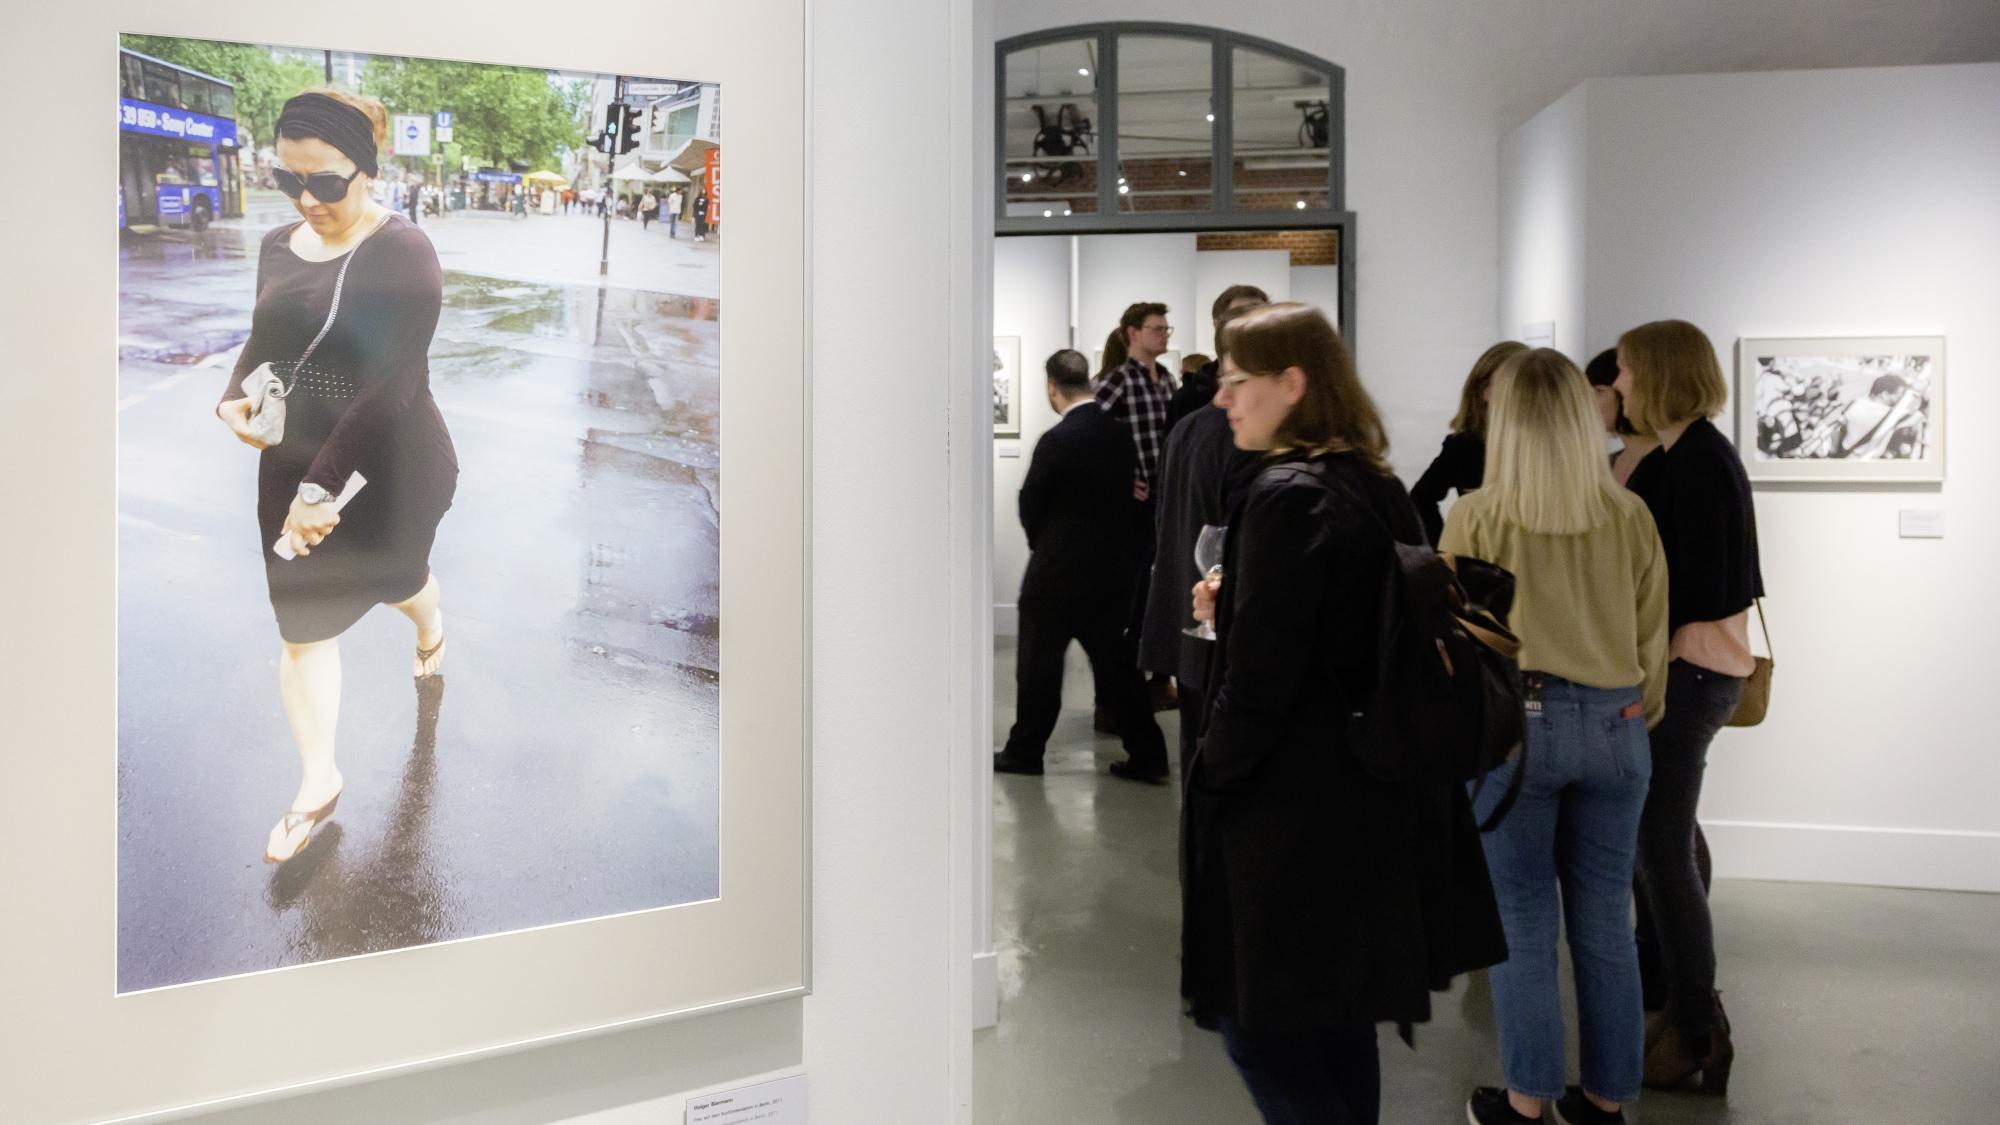 Besucher in einem Ausstellungsraum mit weißen Wänden, im Vordergrund eine Frau mit Kleid, Sonnenbrille und Handtasche.